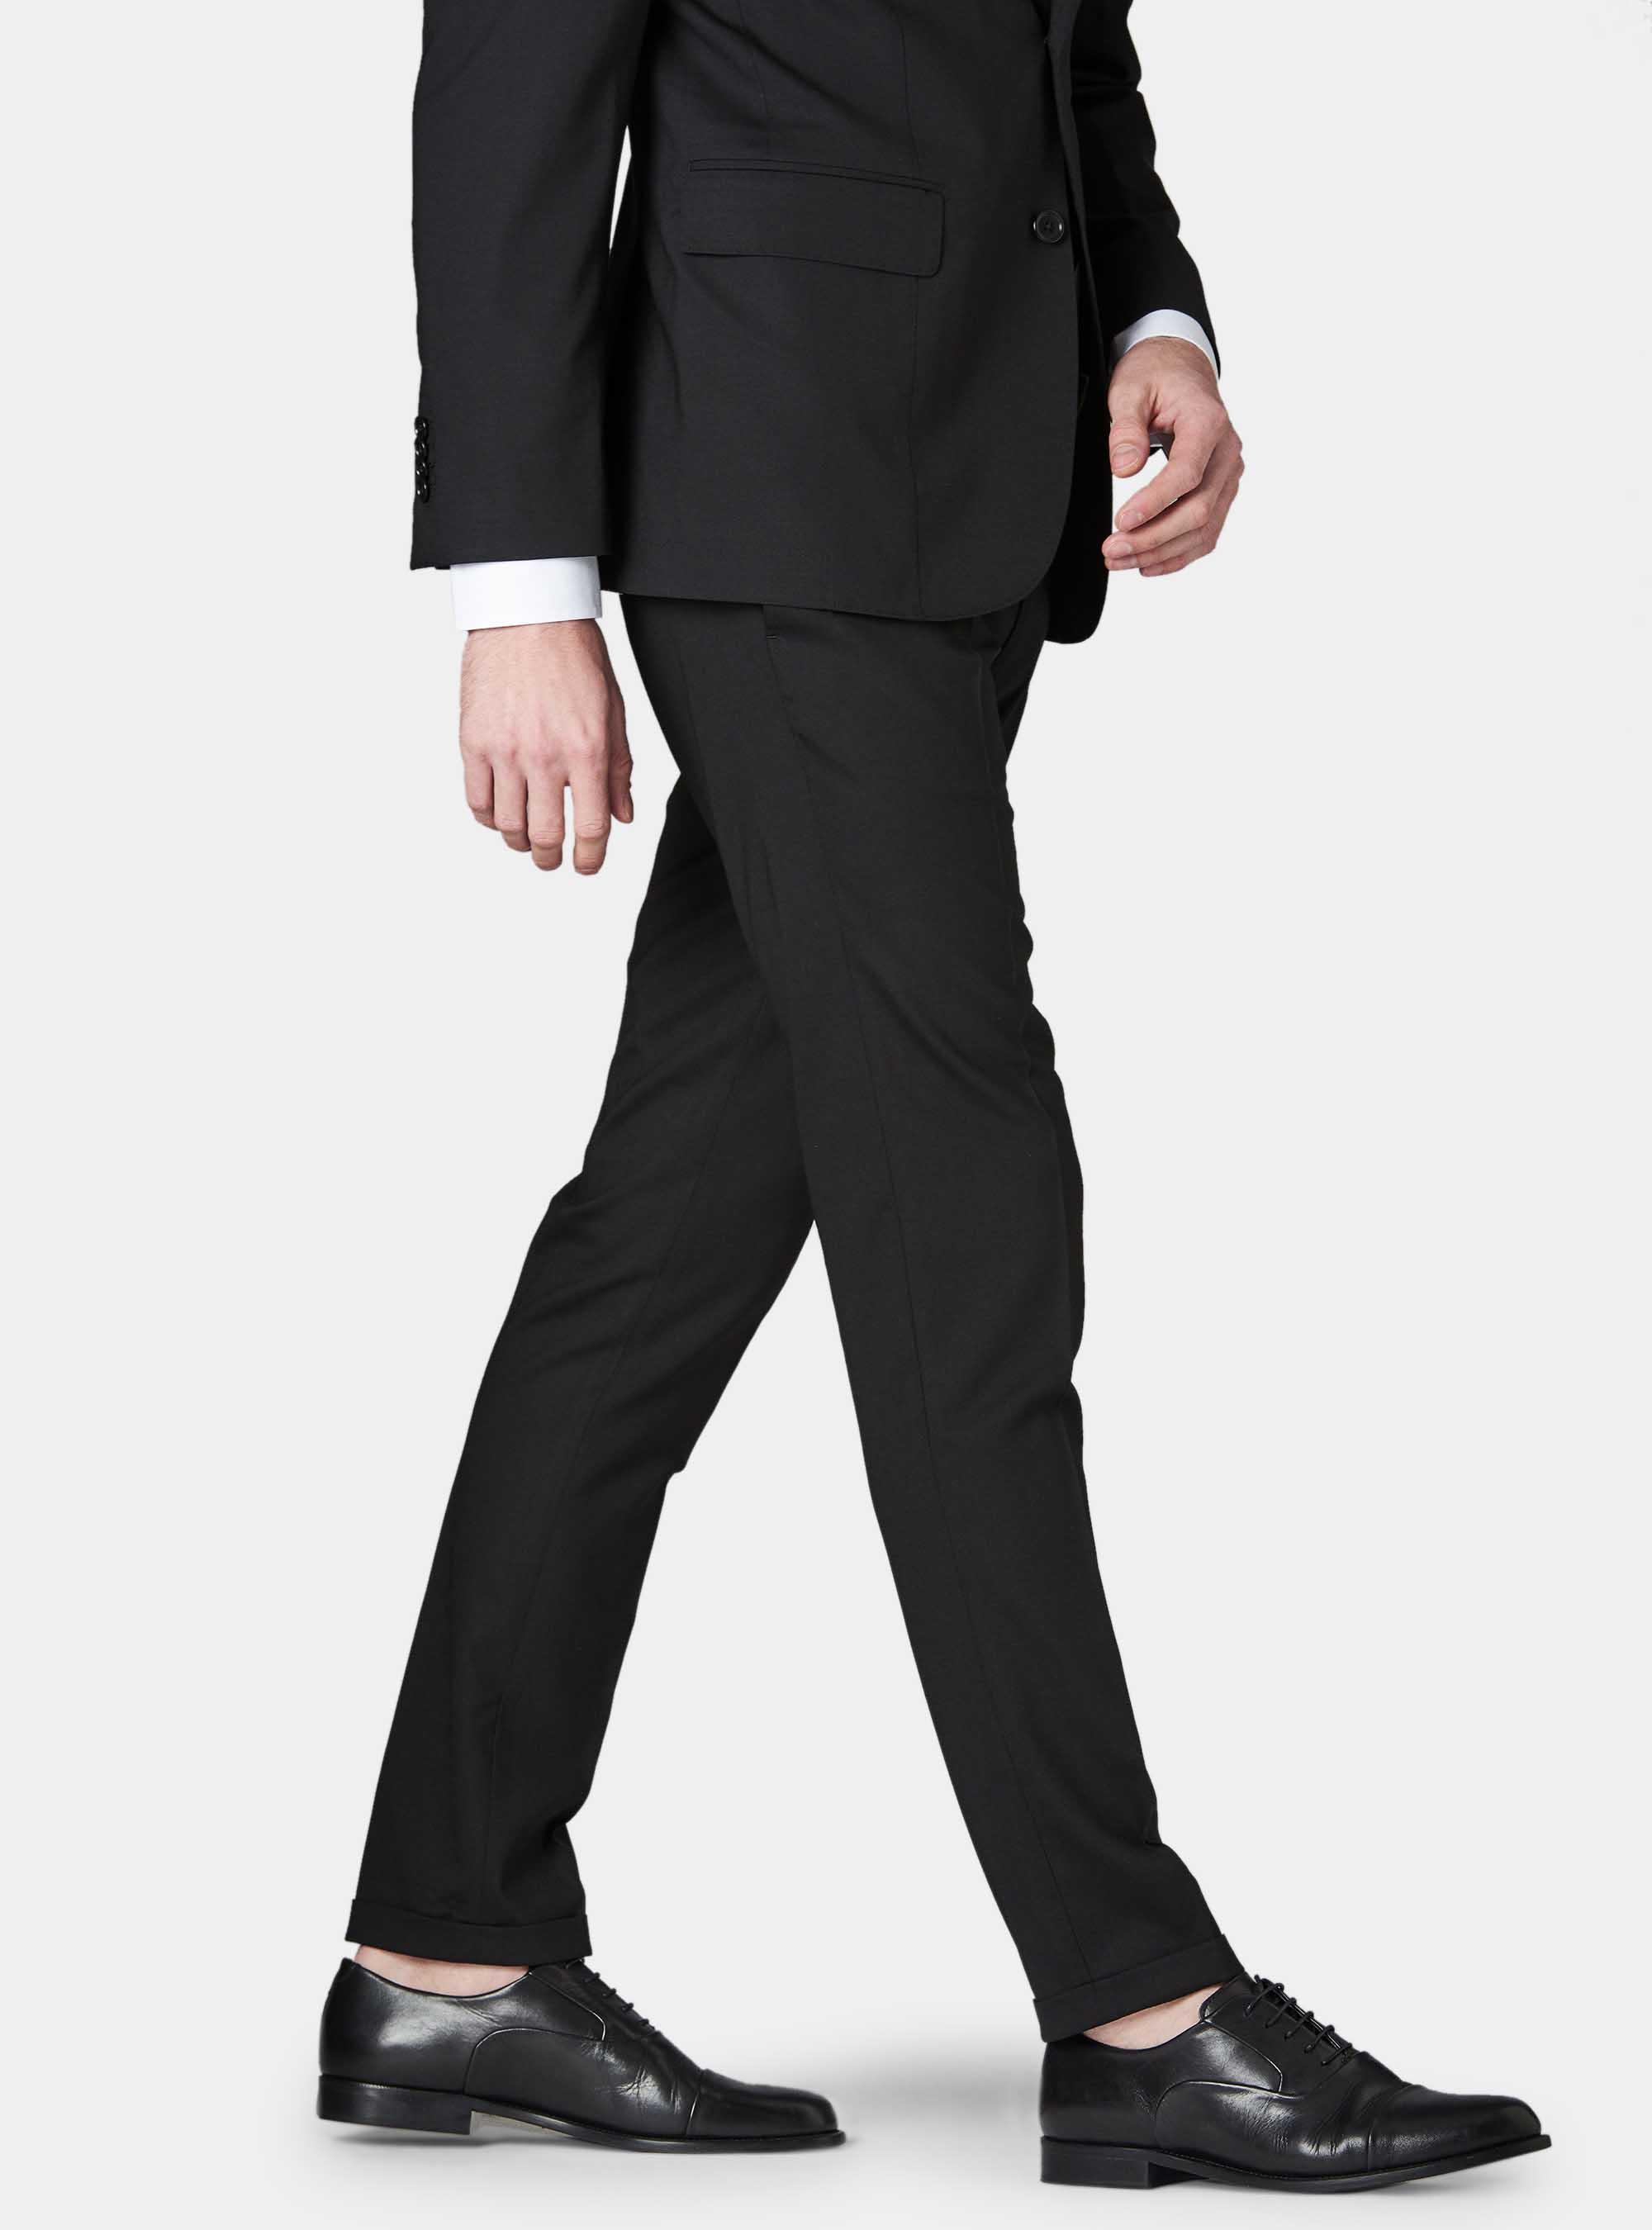 più tardi stile squisito negozio outlet Pantaloni da abito in fresco lana | Gutteridge - 95268006